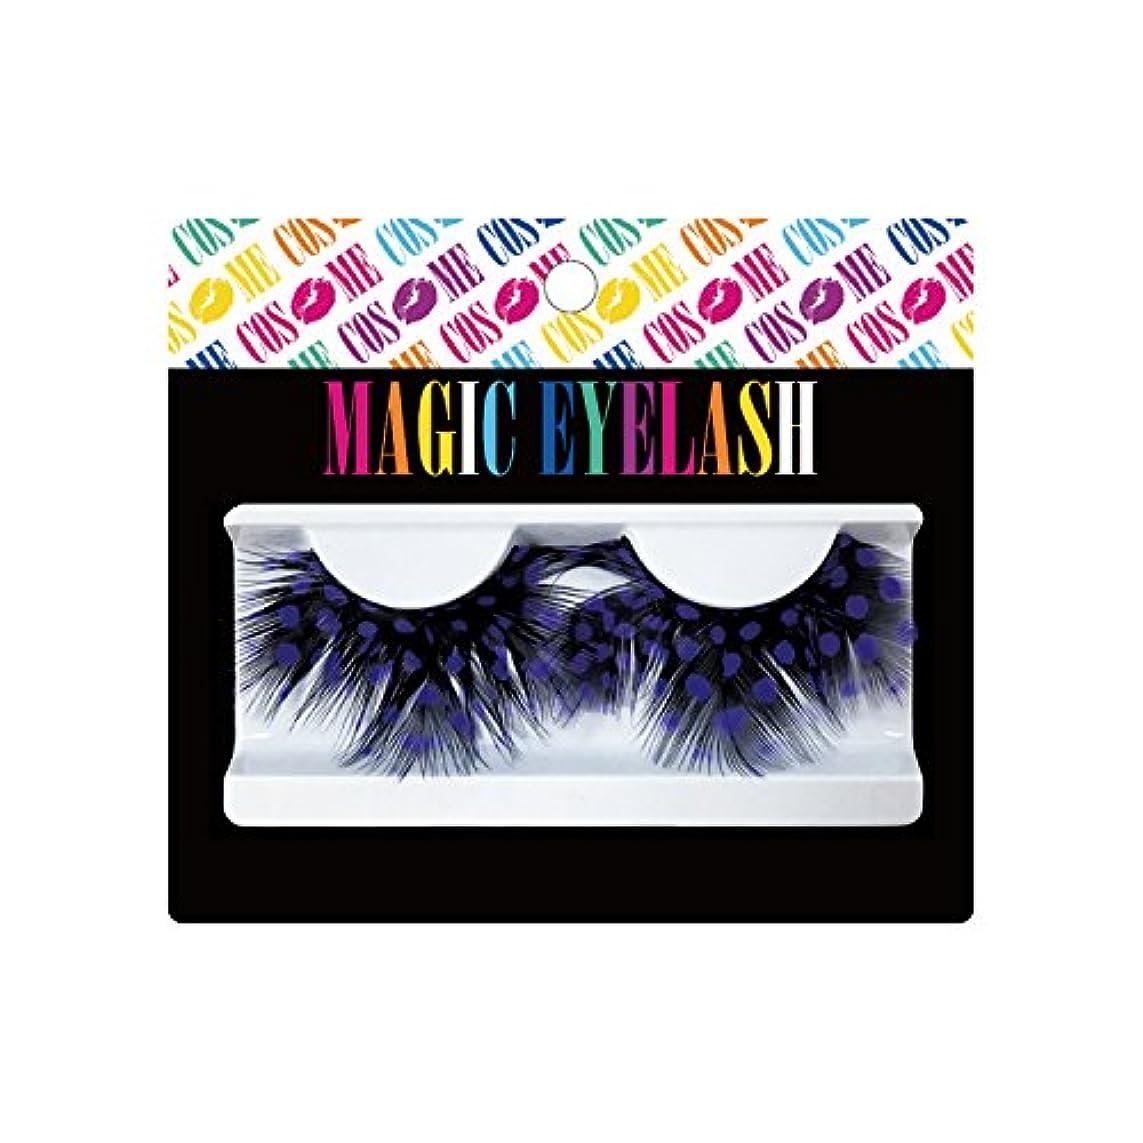 何もない未払い次ピュア つけまつげ MAGIC EYELASH マジック アイラッシュ #4